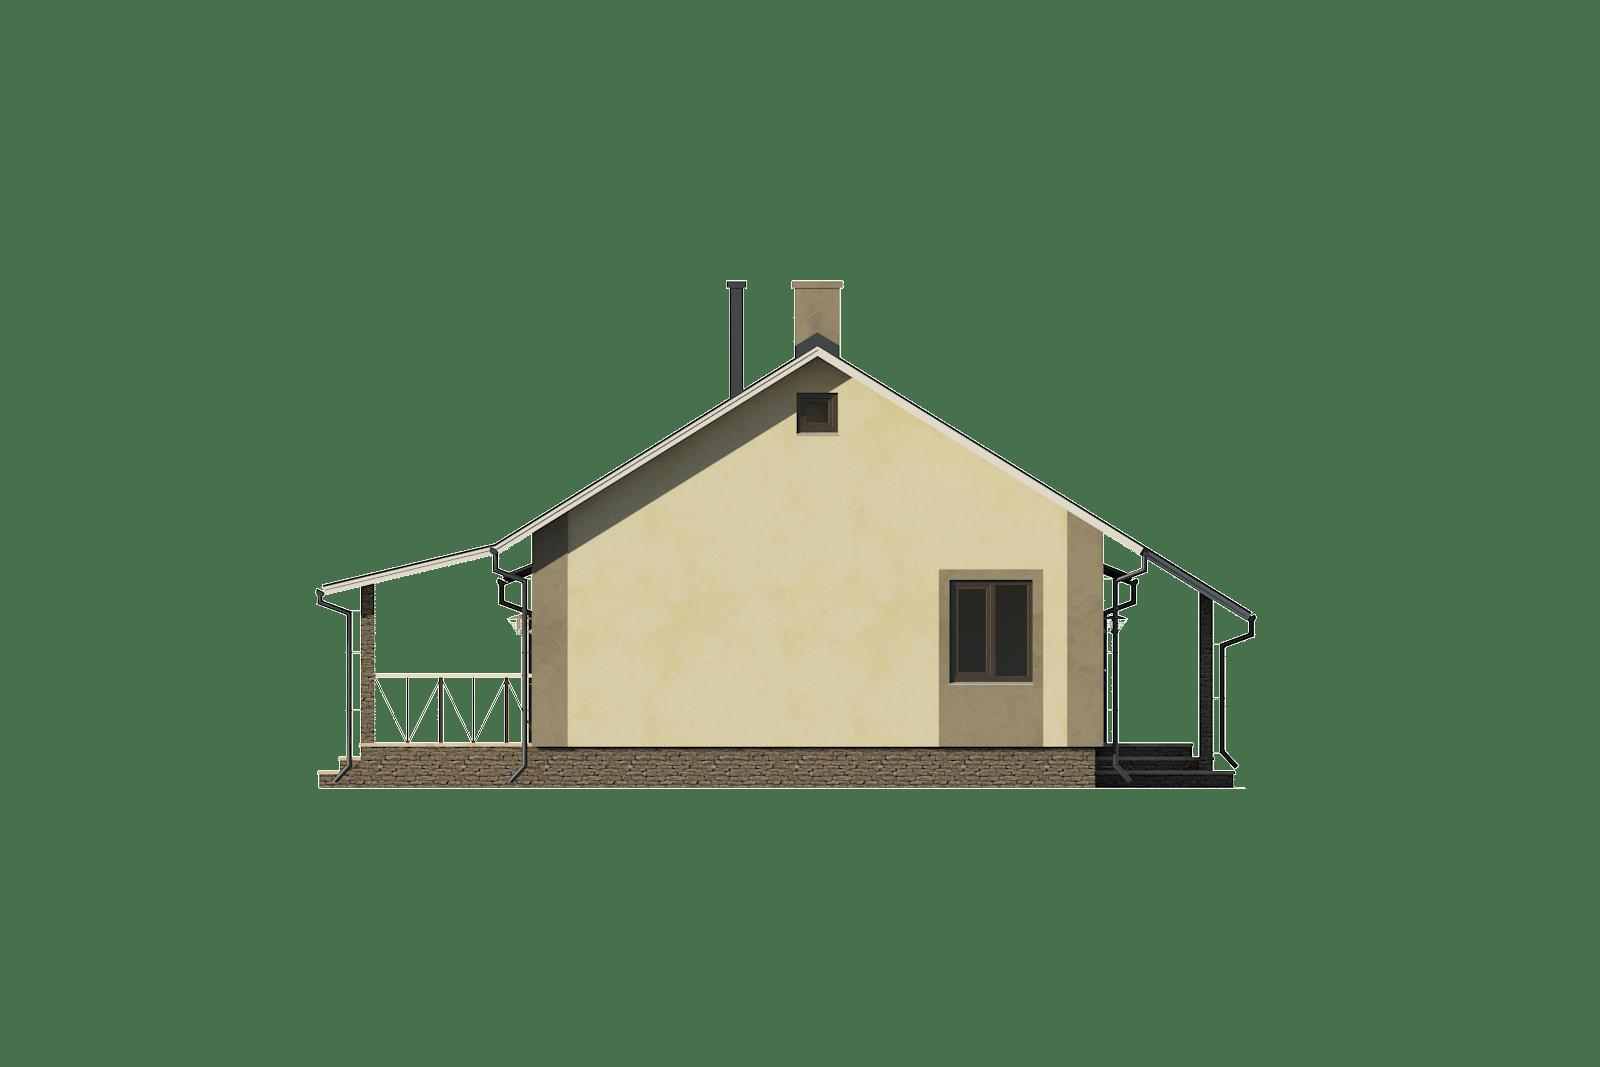 Фасад одноэтажного дома с гаражом и террасой «КО-57» - слева